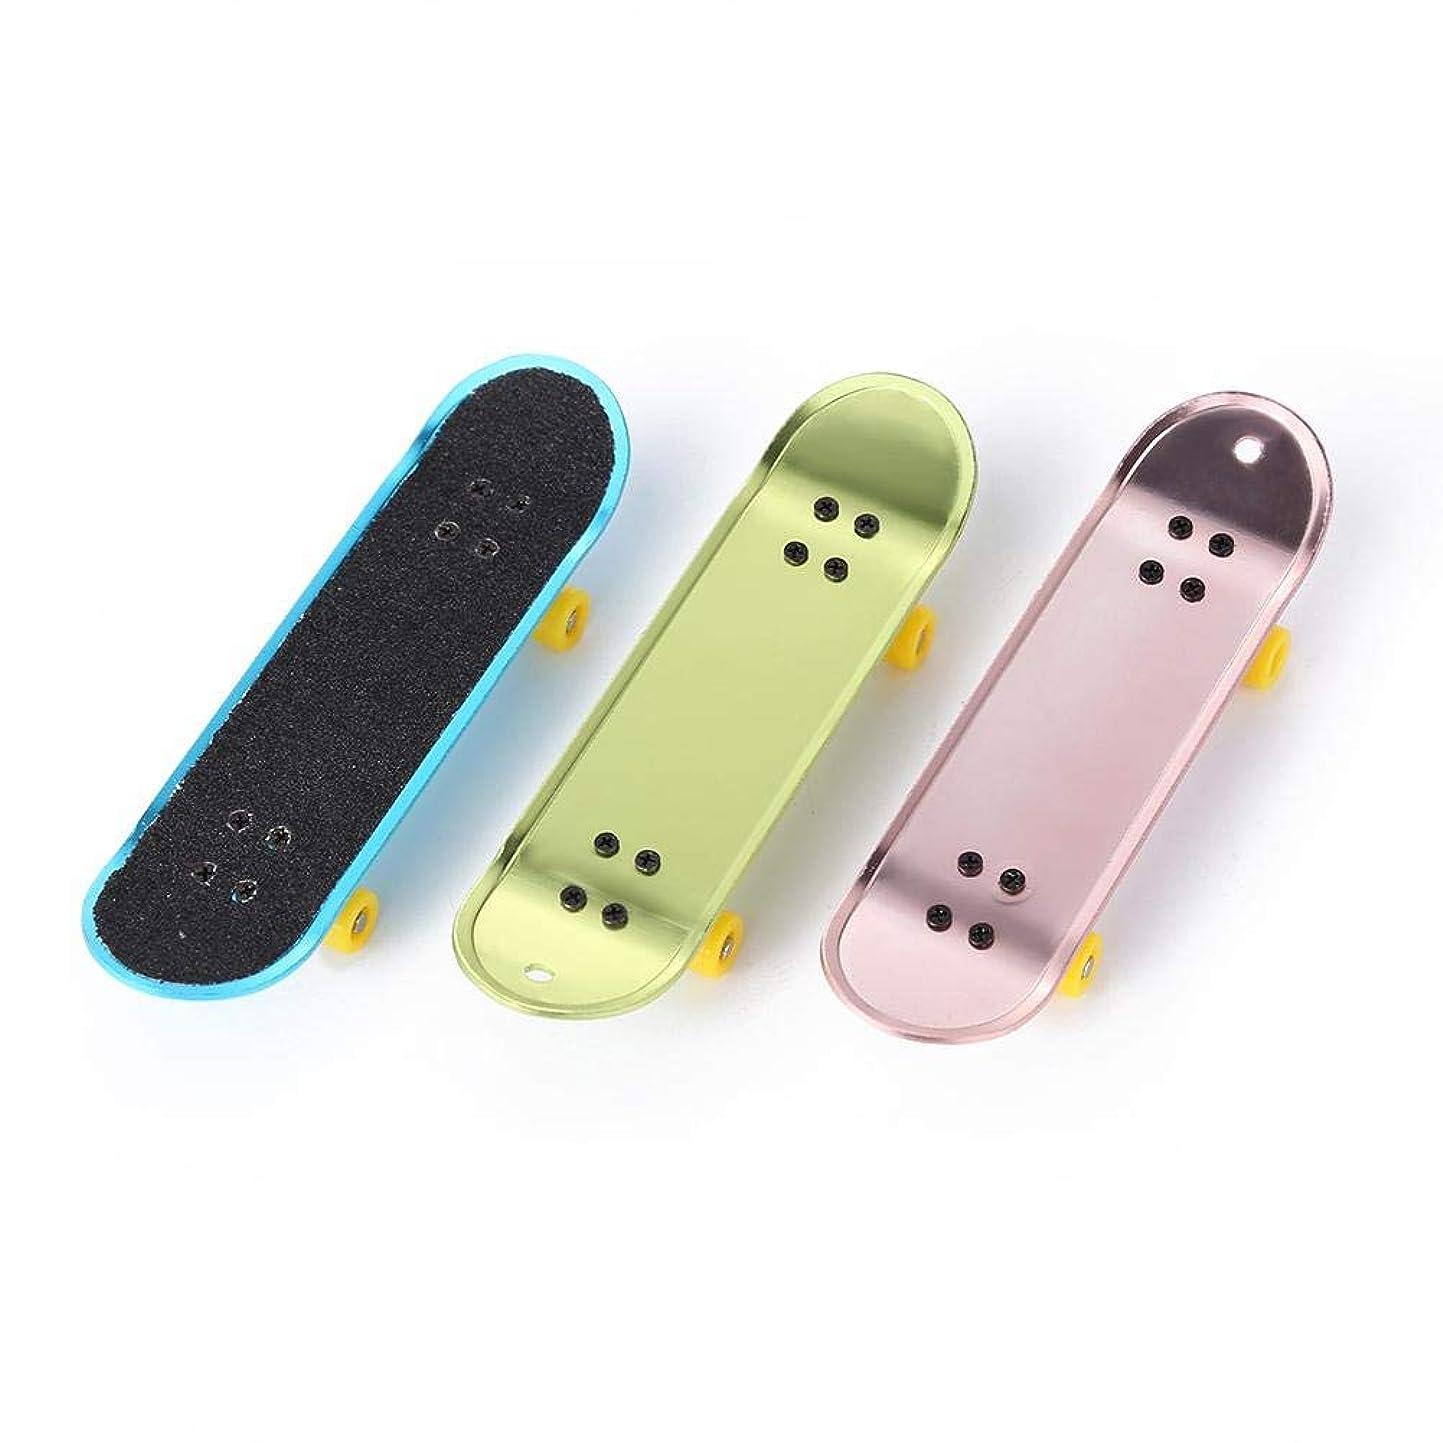 密後トレースカーテン合金指スケートボード+アクセサリー+スペアホイール子供用教育玩具ランダムな色SNOWVIRTUOS